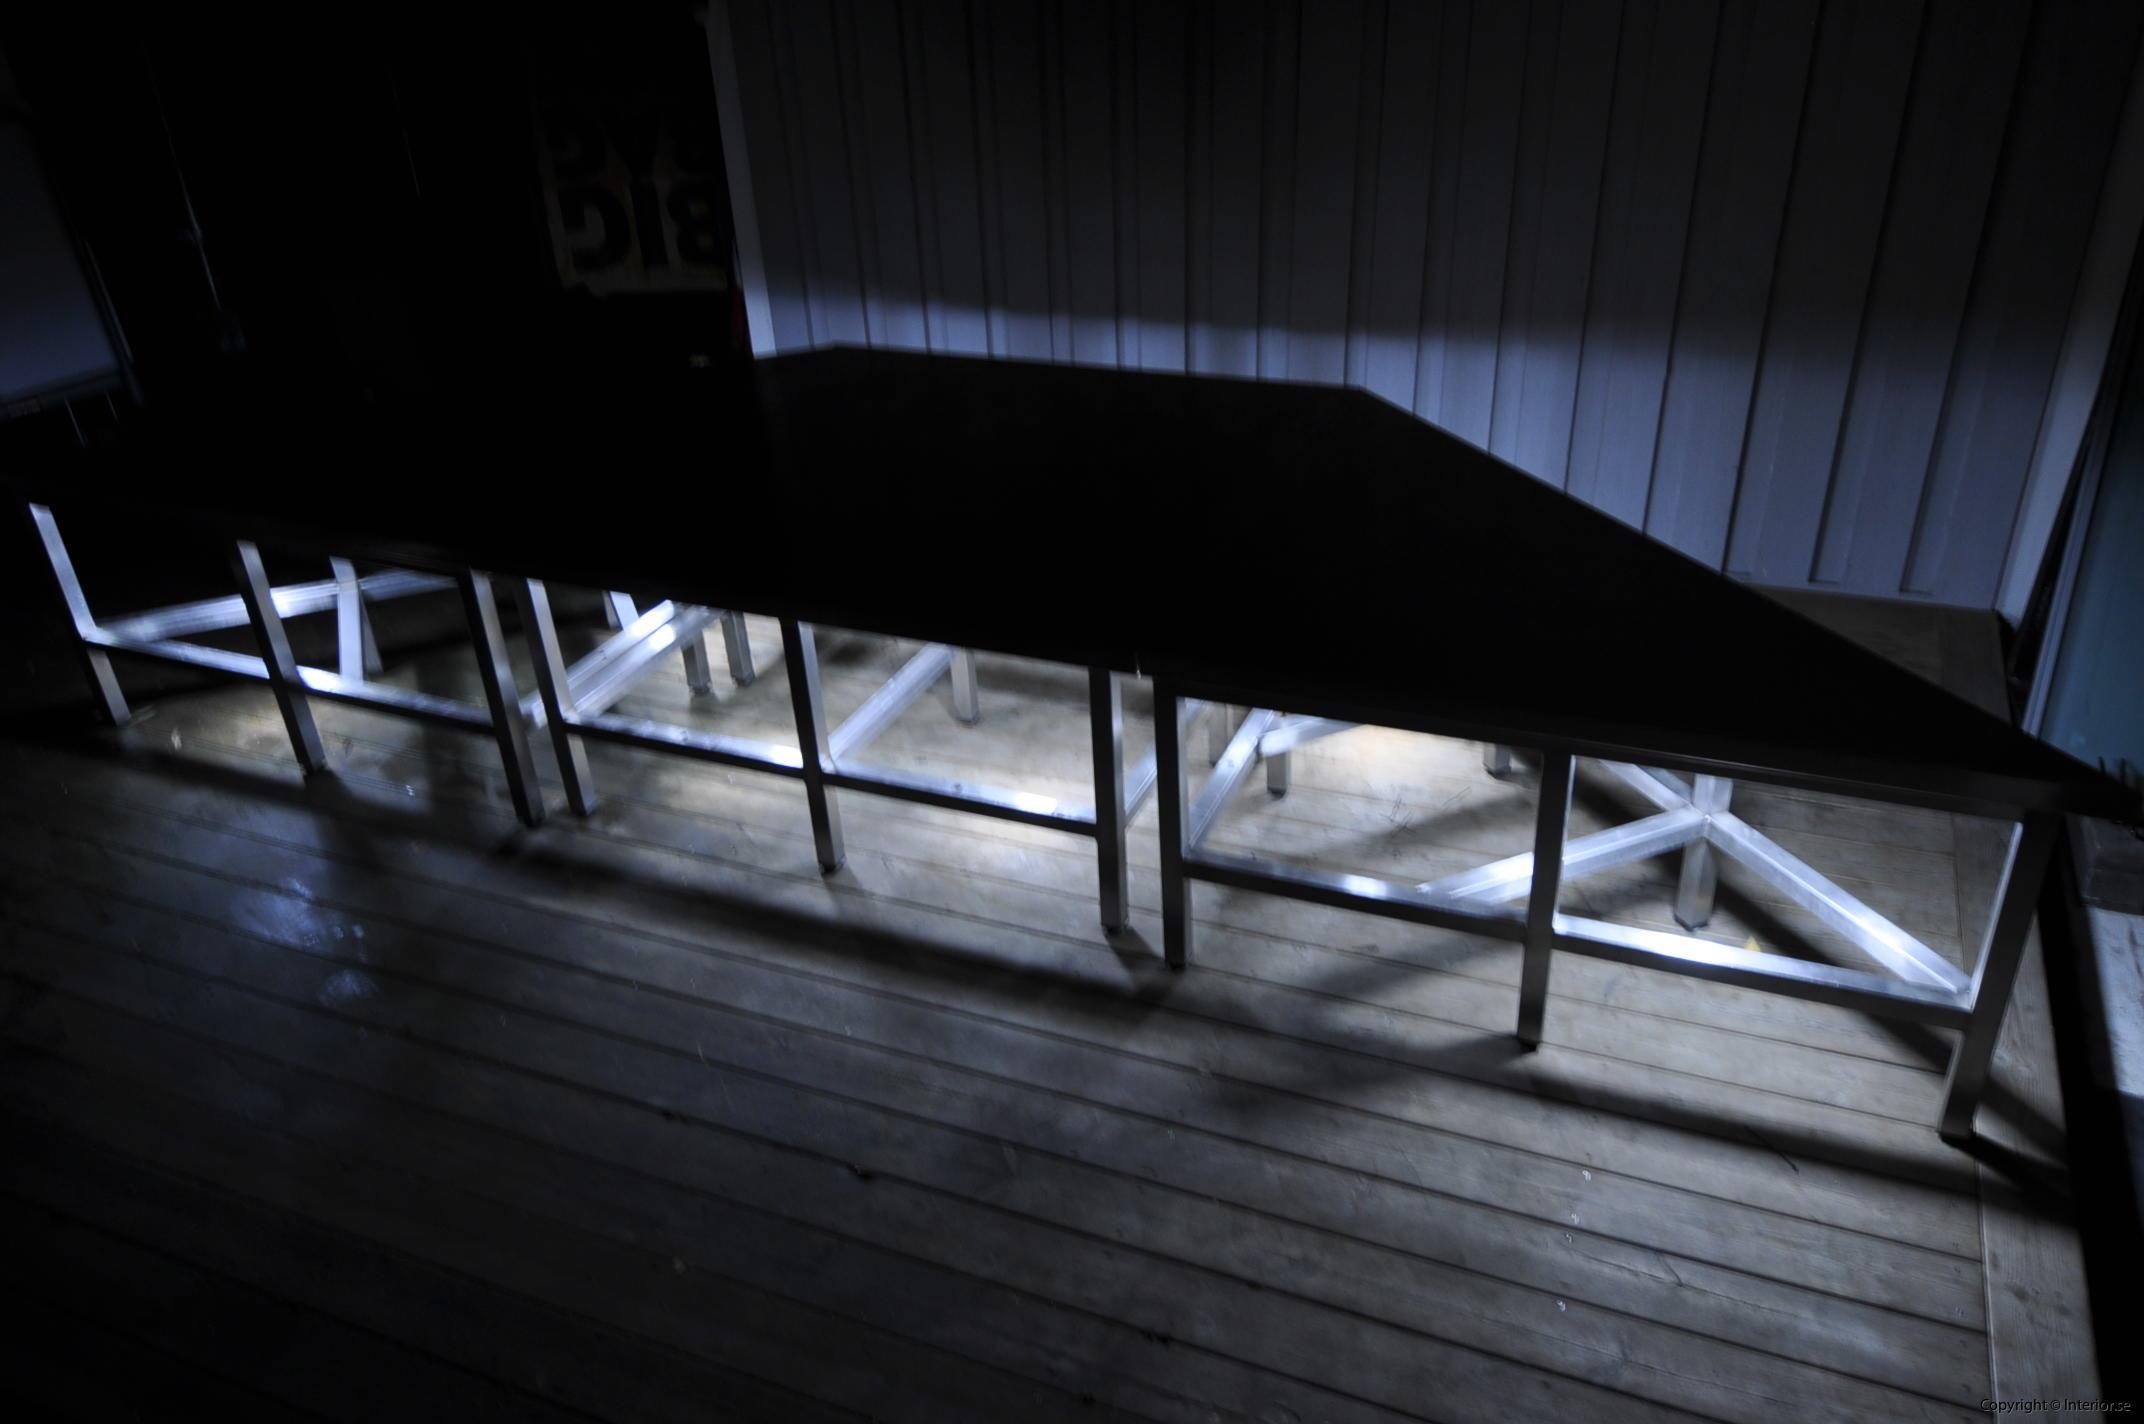 hyra scen podier podium rostfri dansscen hyr stockholm event möbler inredning (16)